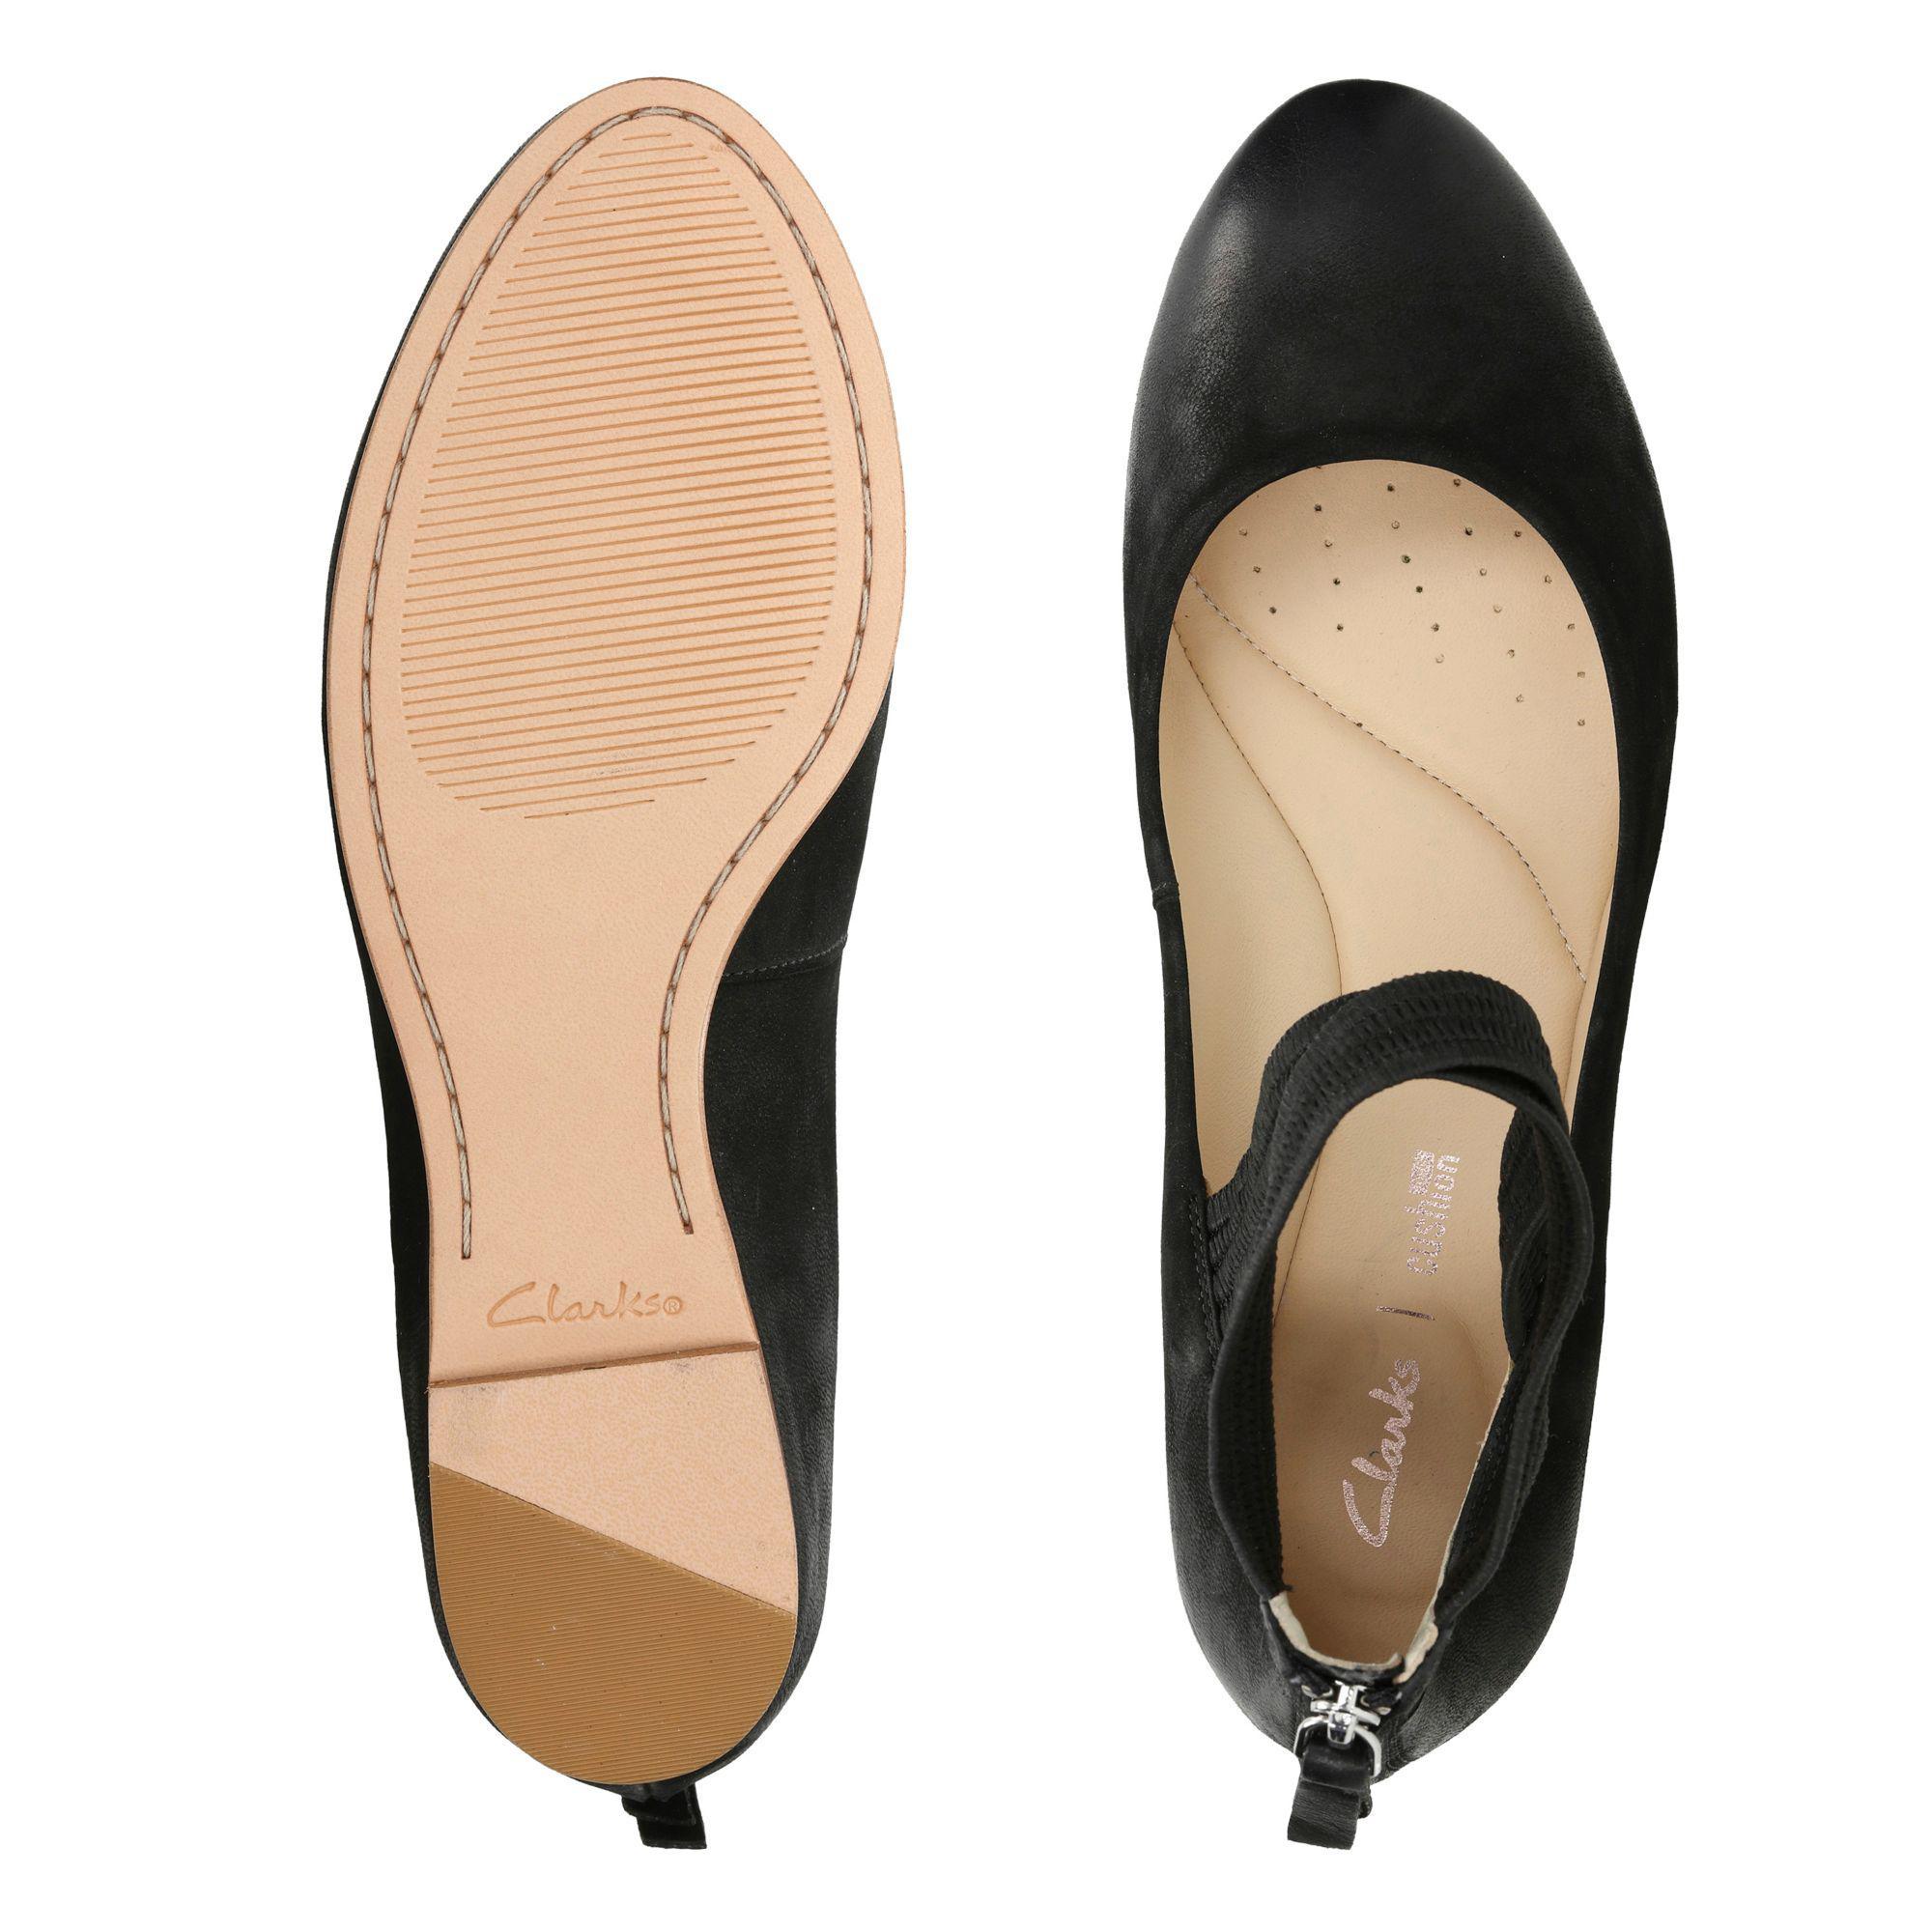 clarks grace anna Shop Clothing \u0026 Shoes